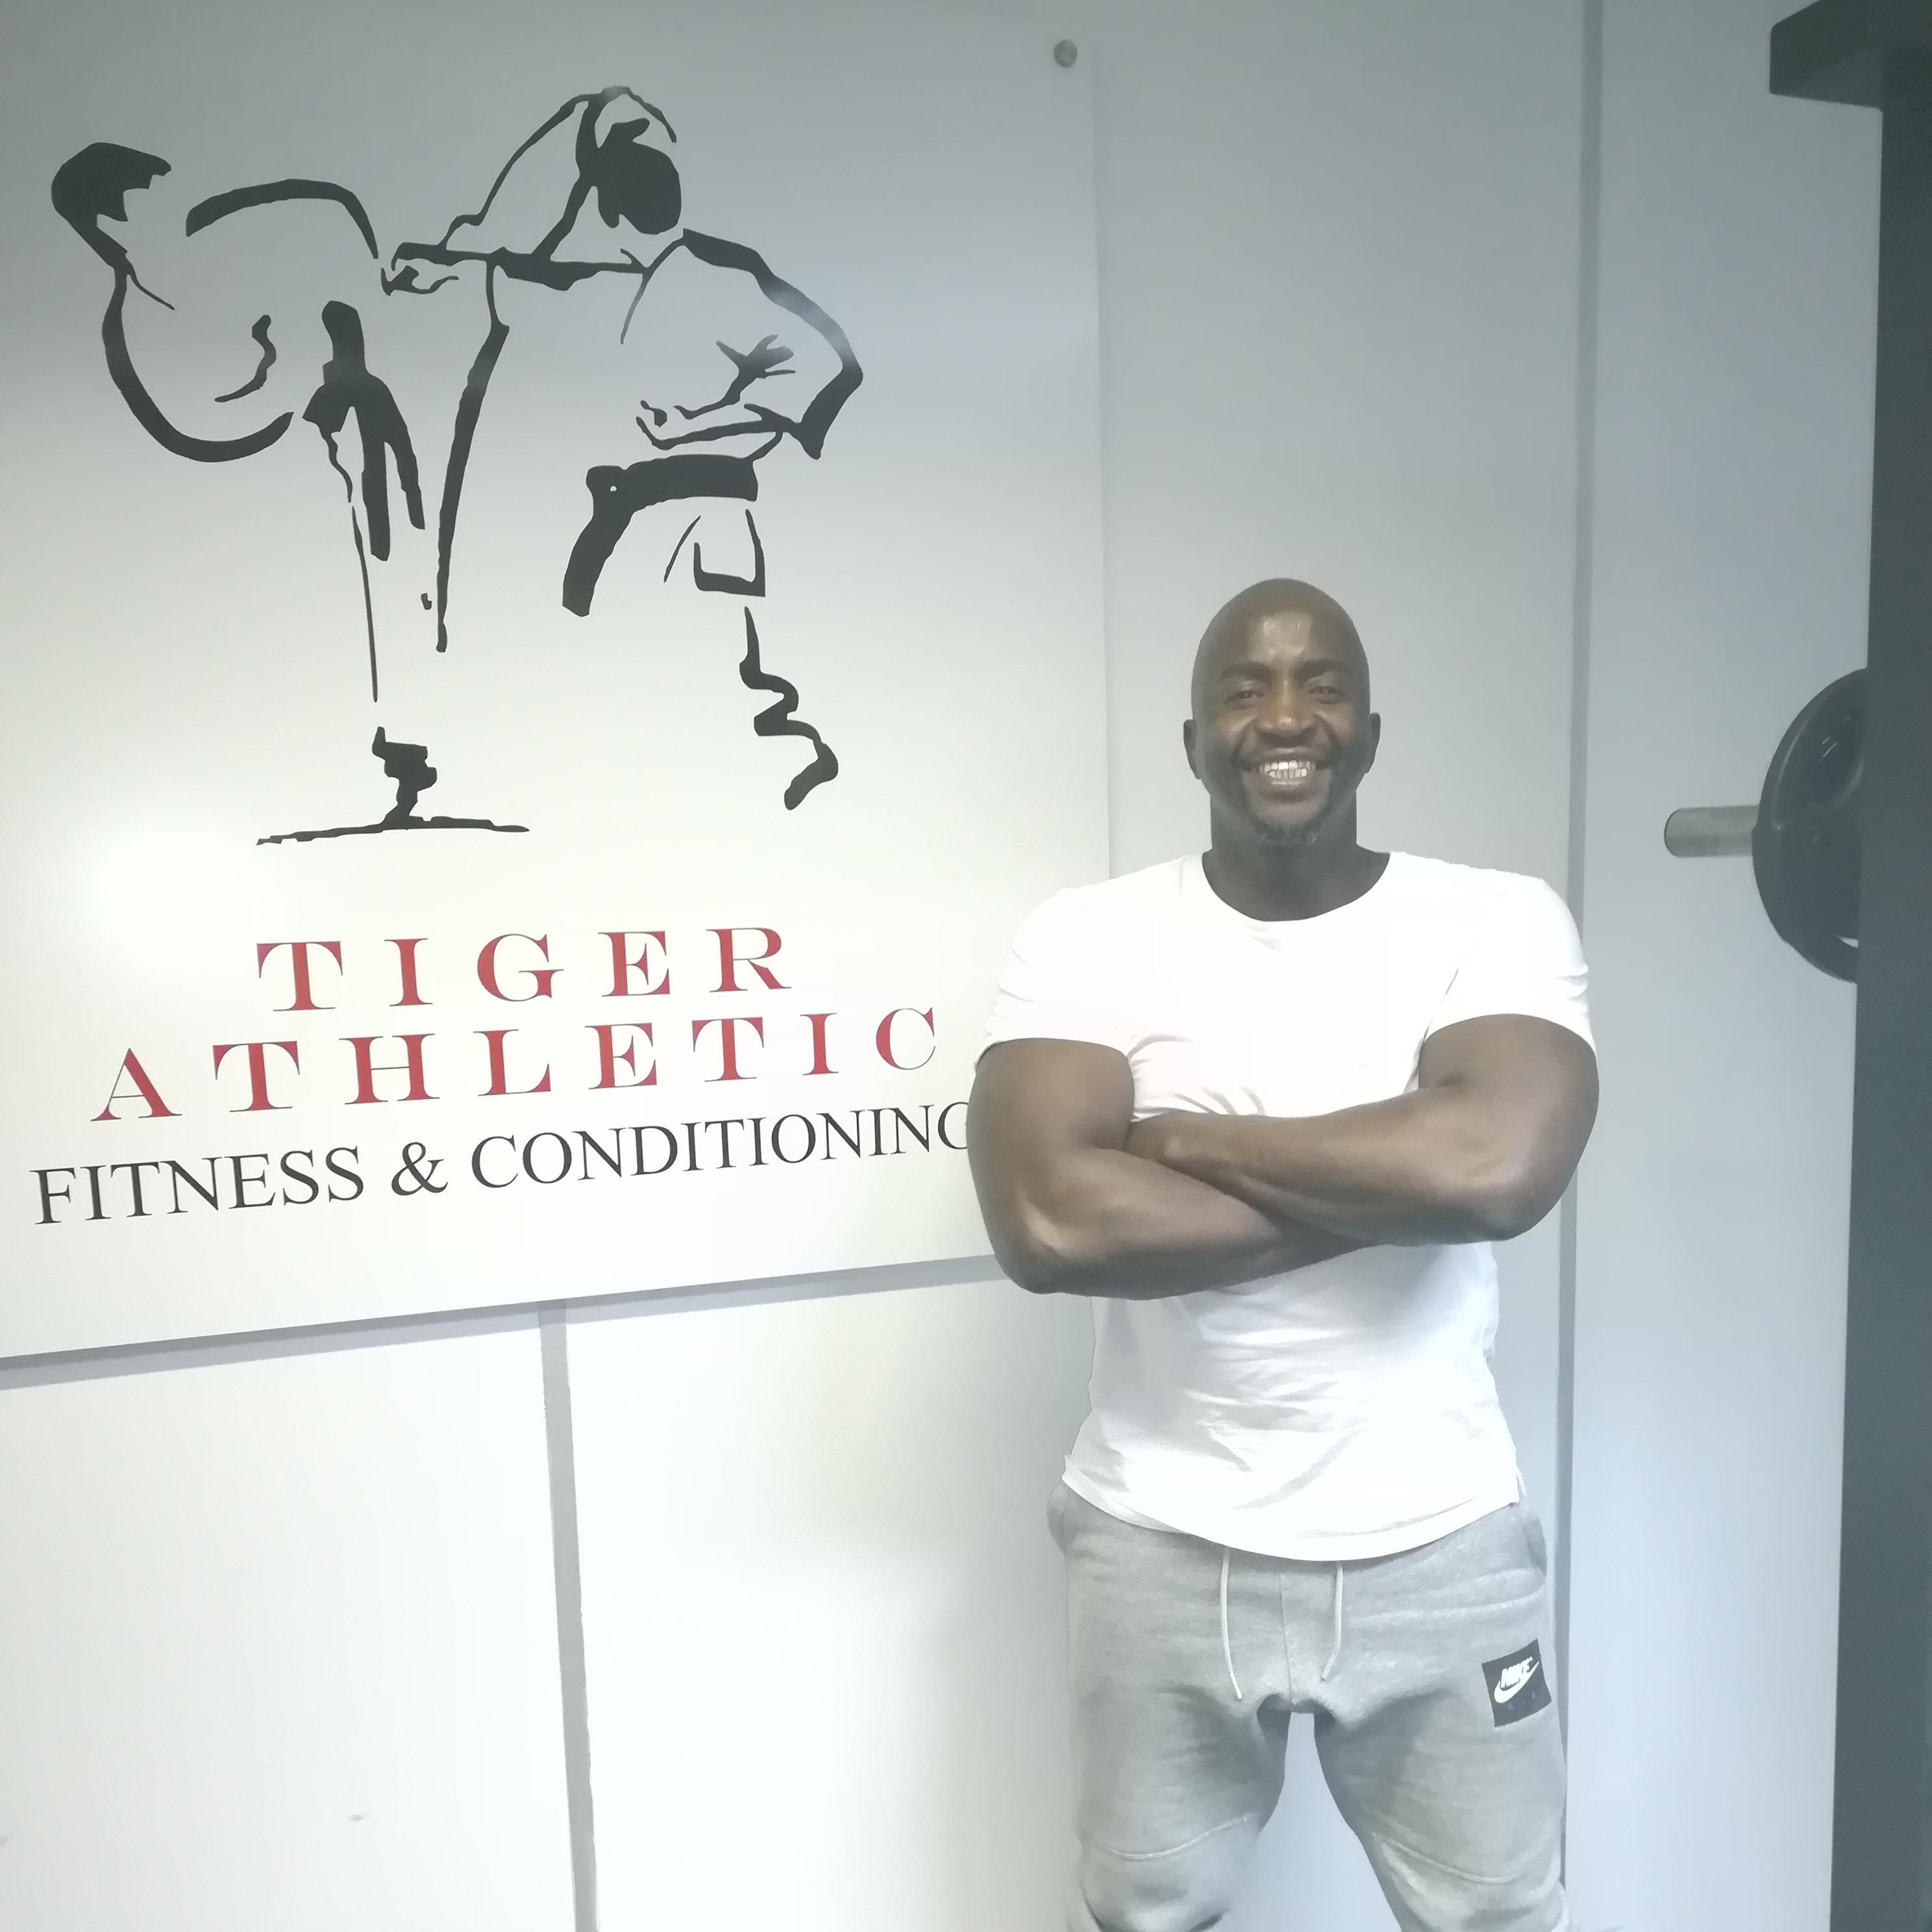 Master Tiger